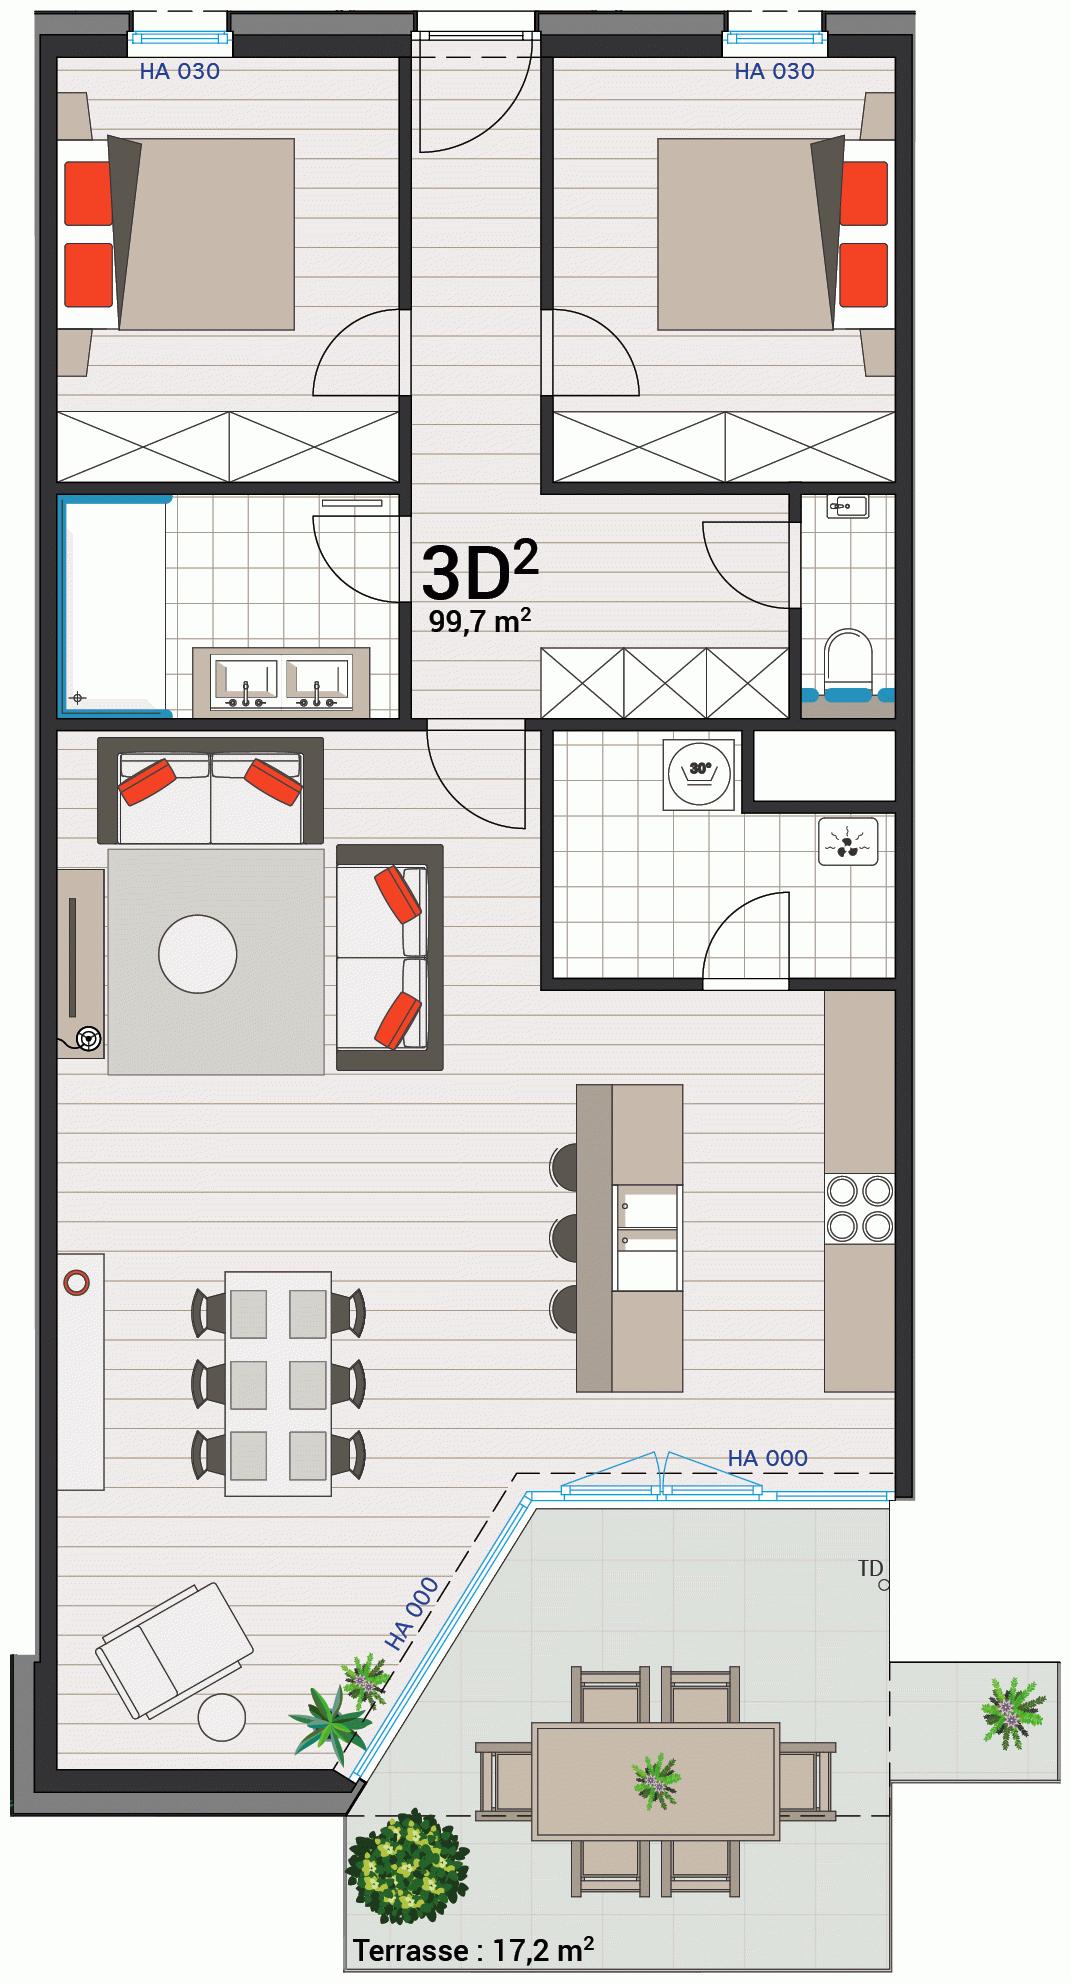 Wohnung 3D